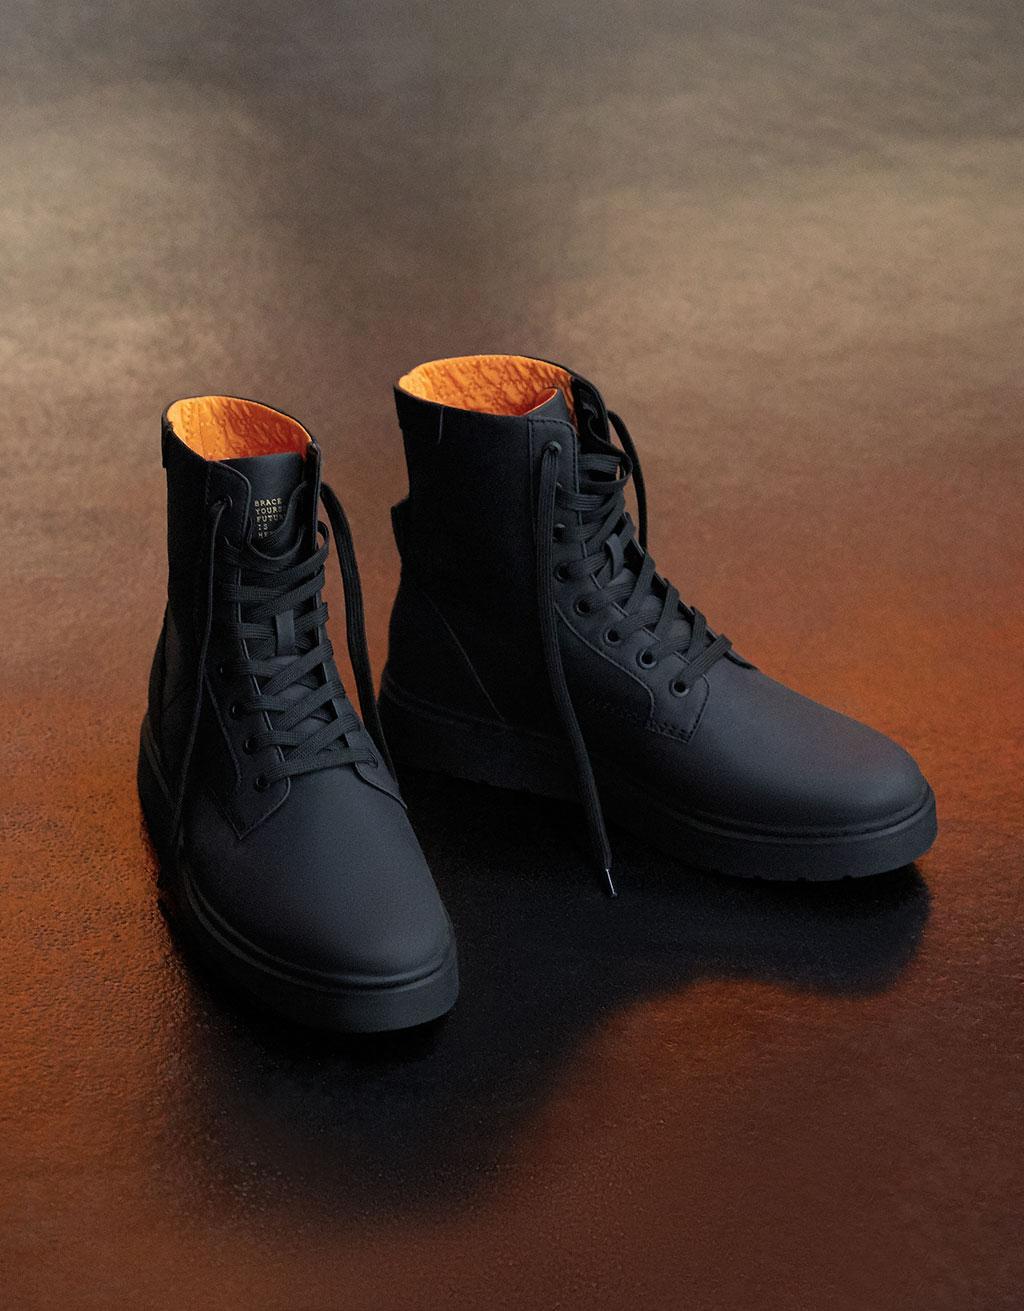 Men's combined biker boots